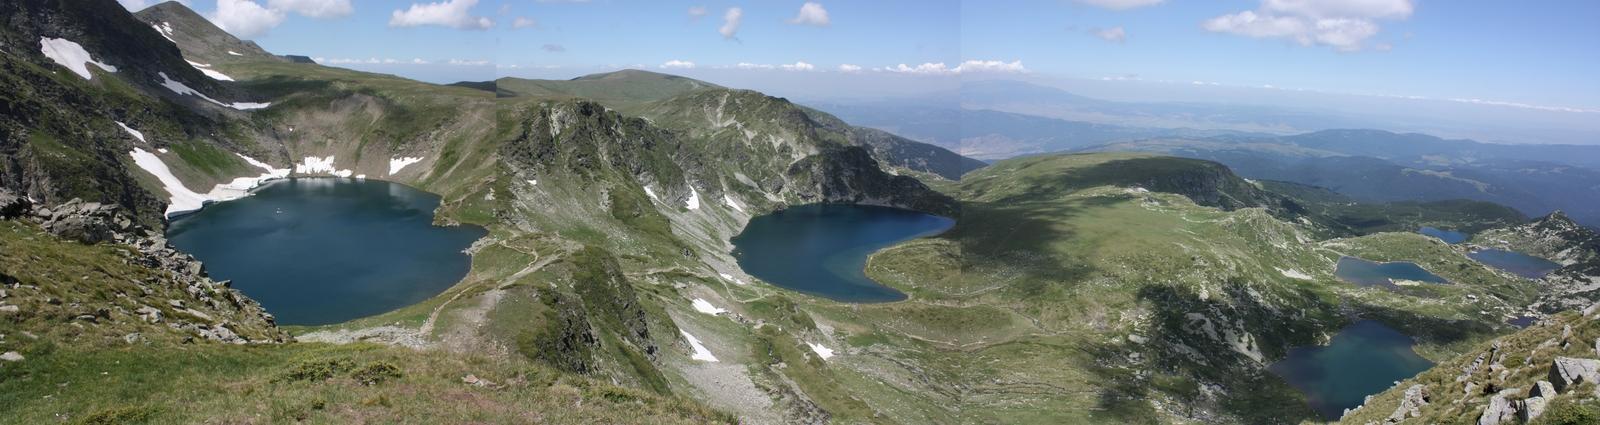 Осемте най-красиви места в България